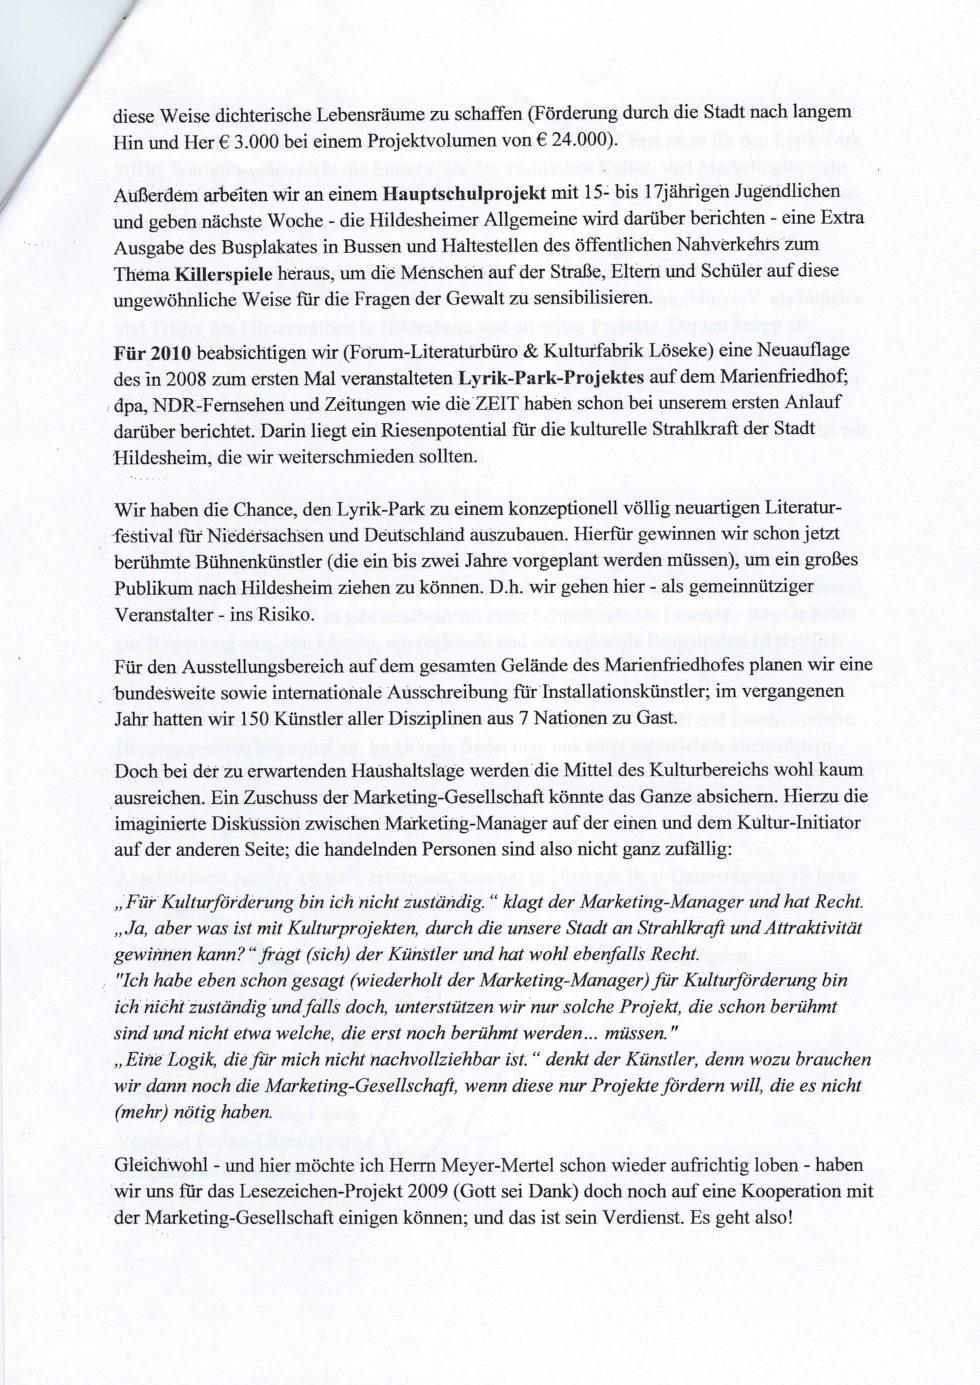 2009 Erstes LeseZeichen-Projekt u.v.m._Seite_12